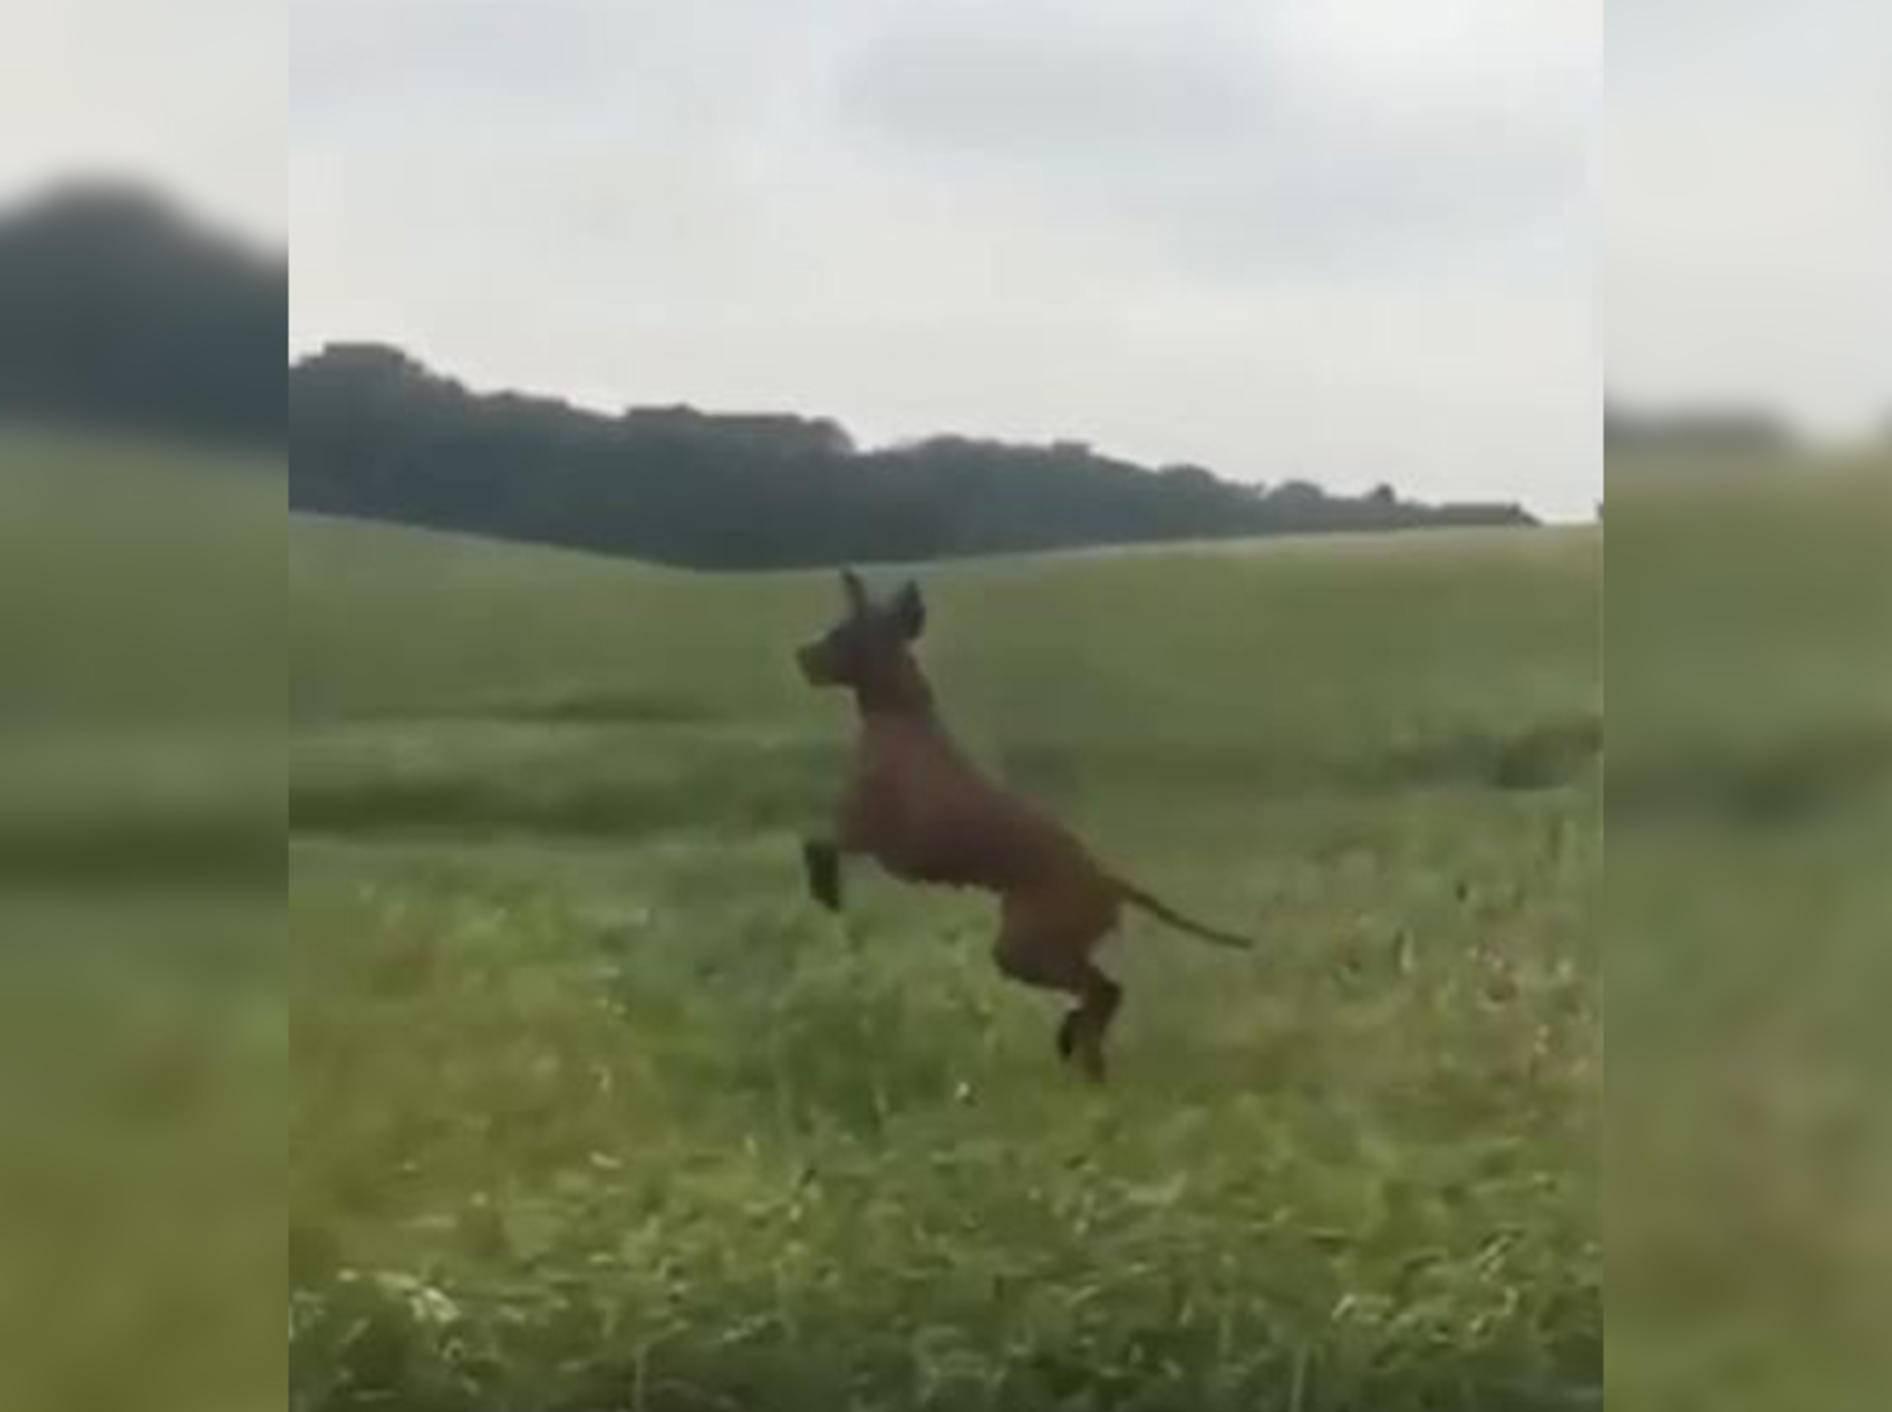 Dieser Hund denkt, er wäre ein Känguru - Bild: YouTube / LadDog